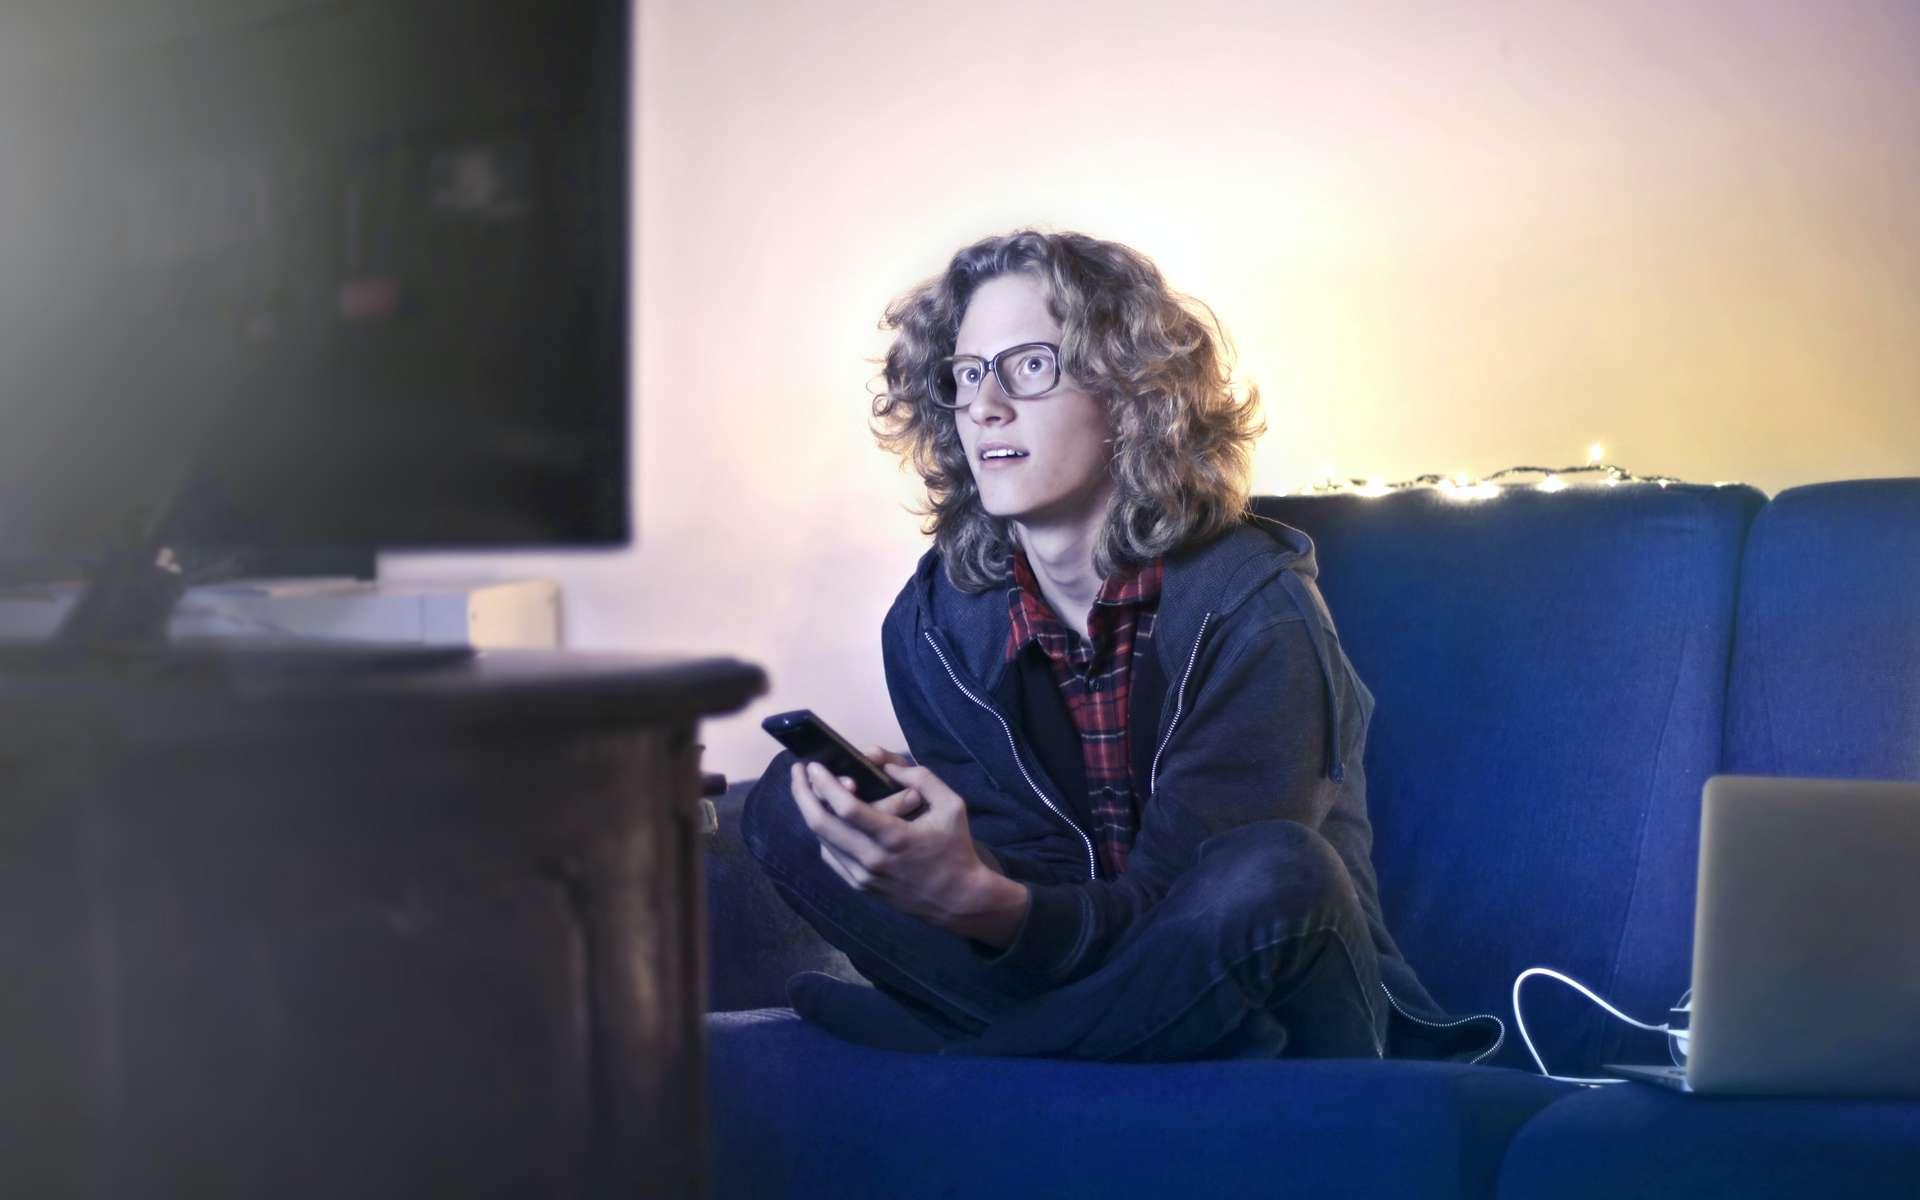 Combiner offre internet et mobile pour faire des économies © Andrea Piacquadio, Pexels